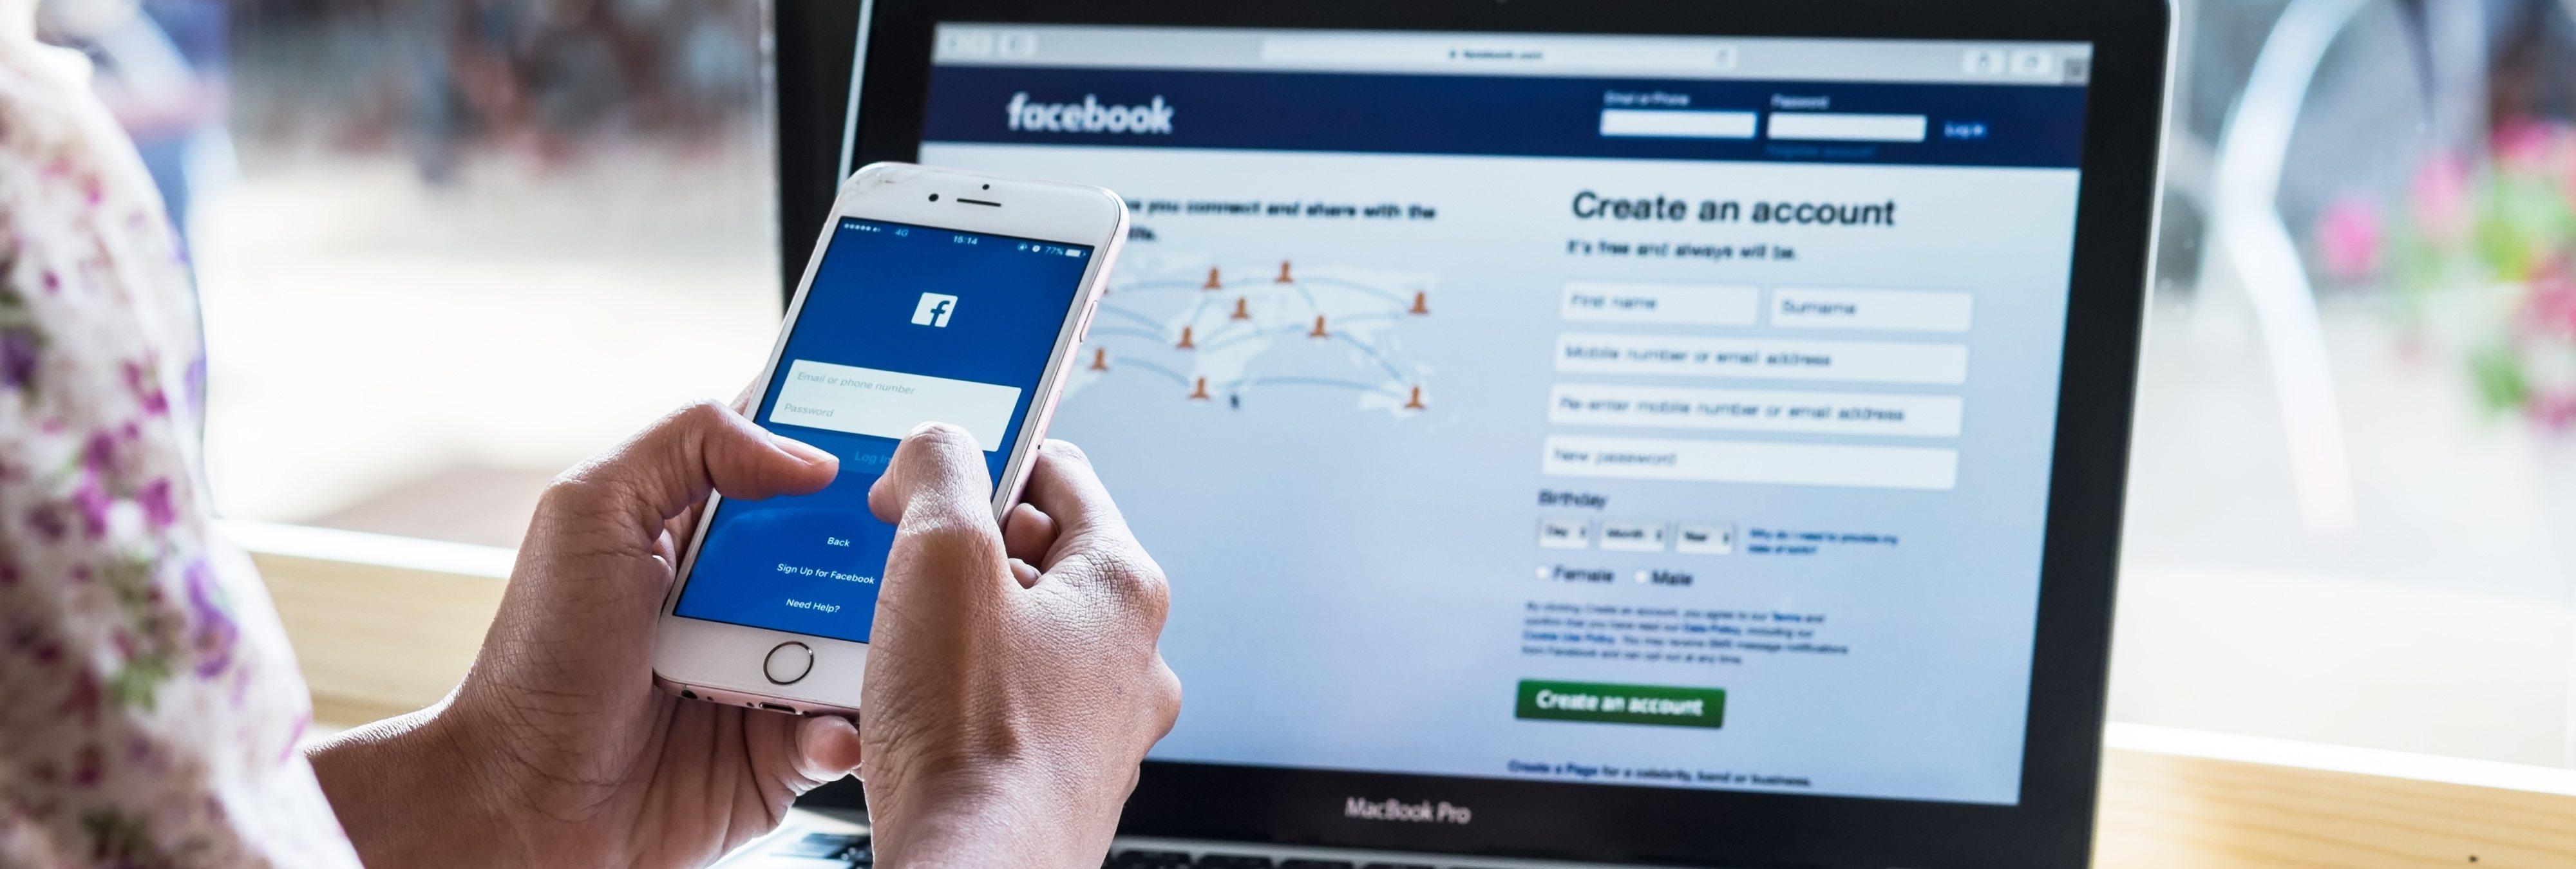 El creador de Facebook se disculpa por sugerir pornografía infantil en su buscador